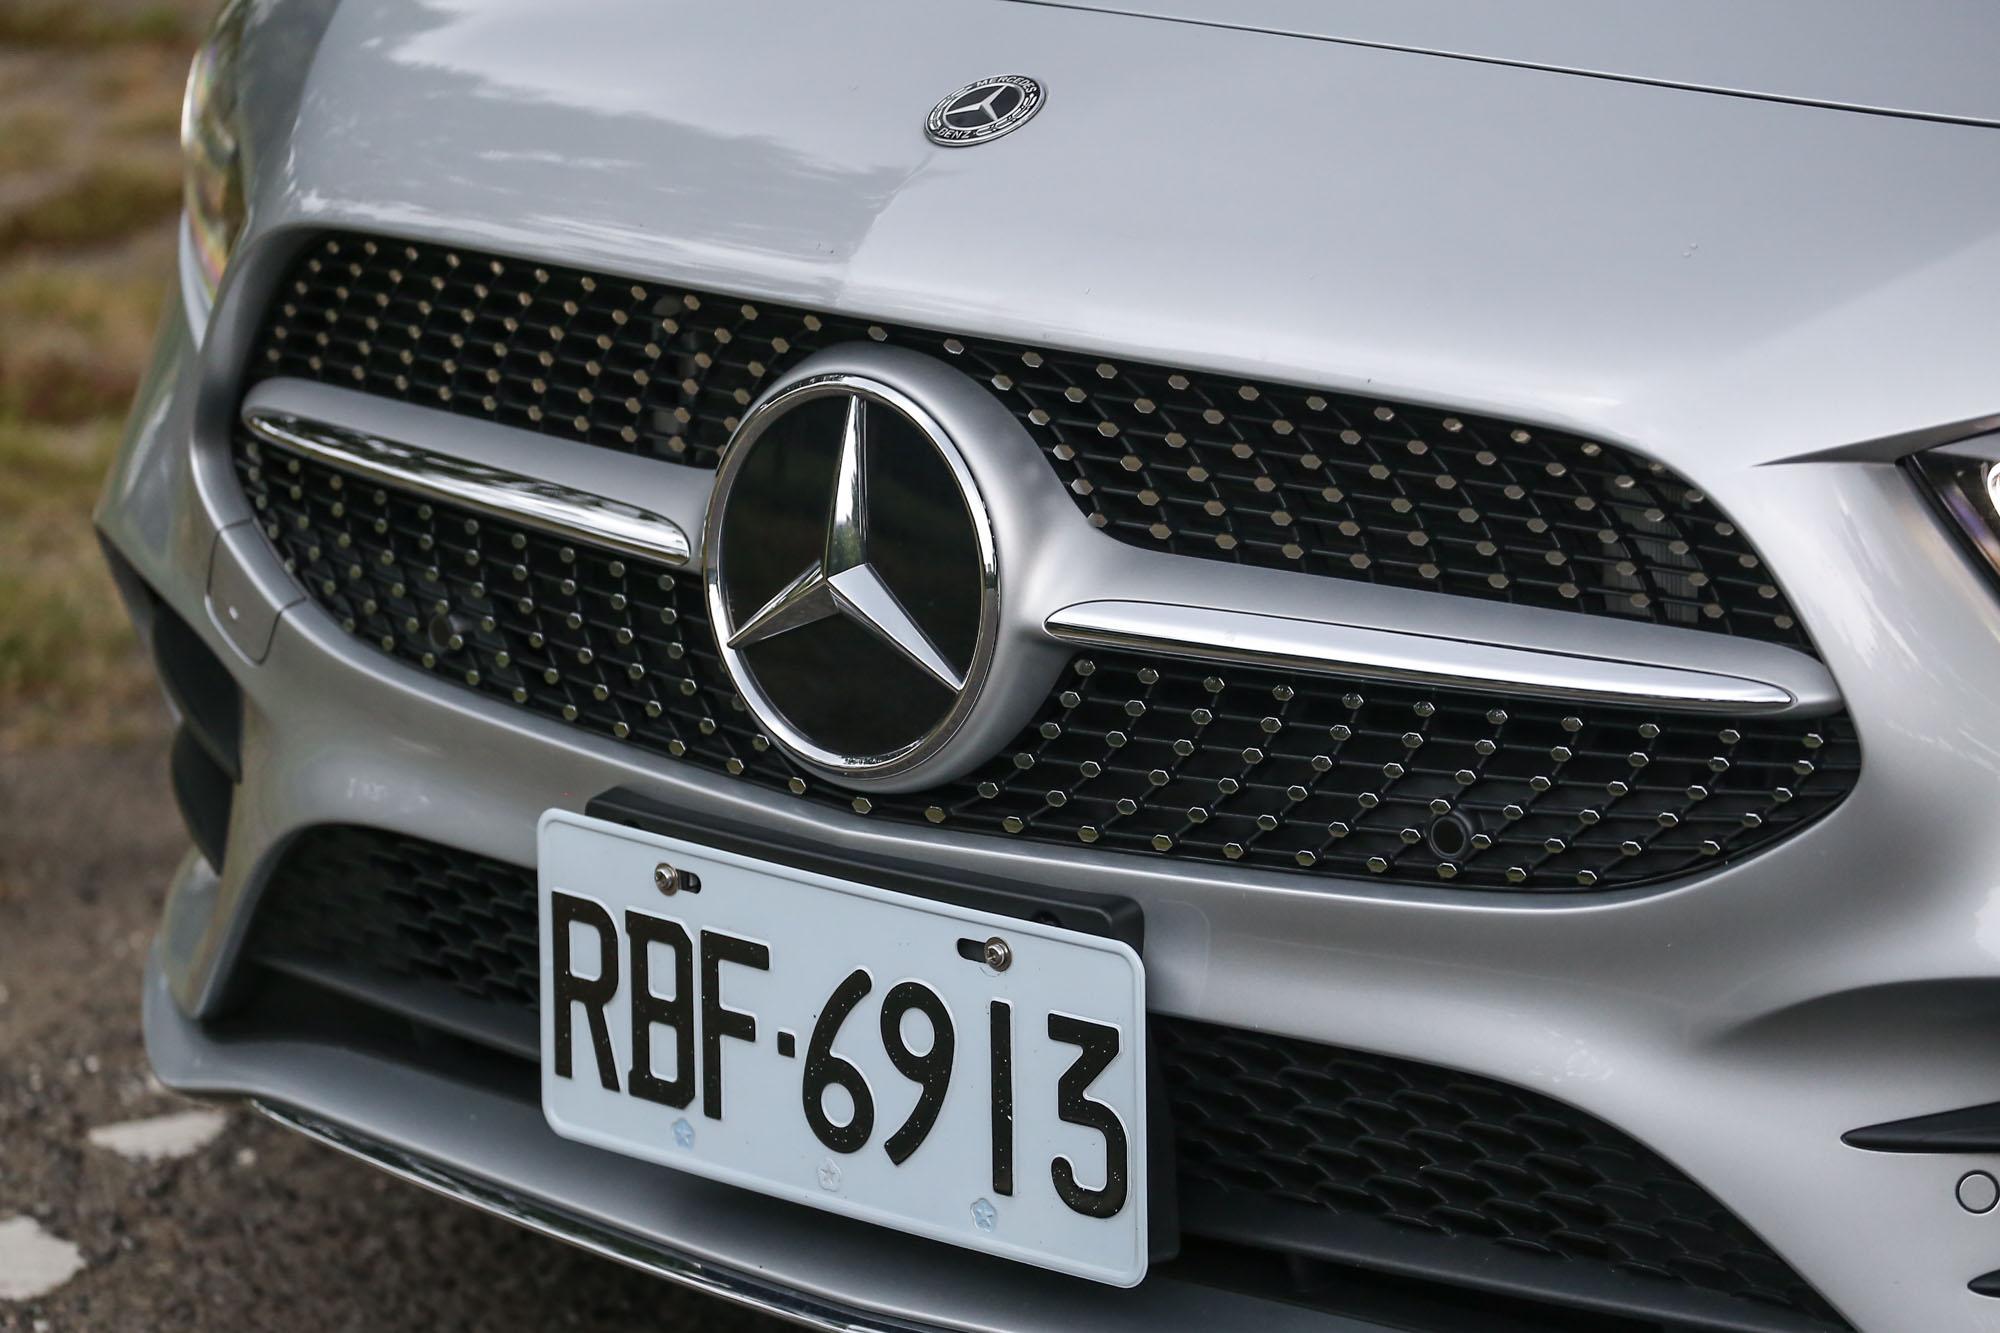 如鑽石般閃耀的水箱護罩設計,可以說是近年來Mercedes-Benz最為獨特也最為自豪的特色。